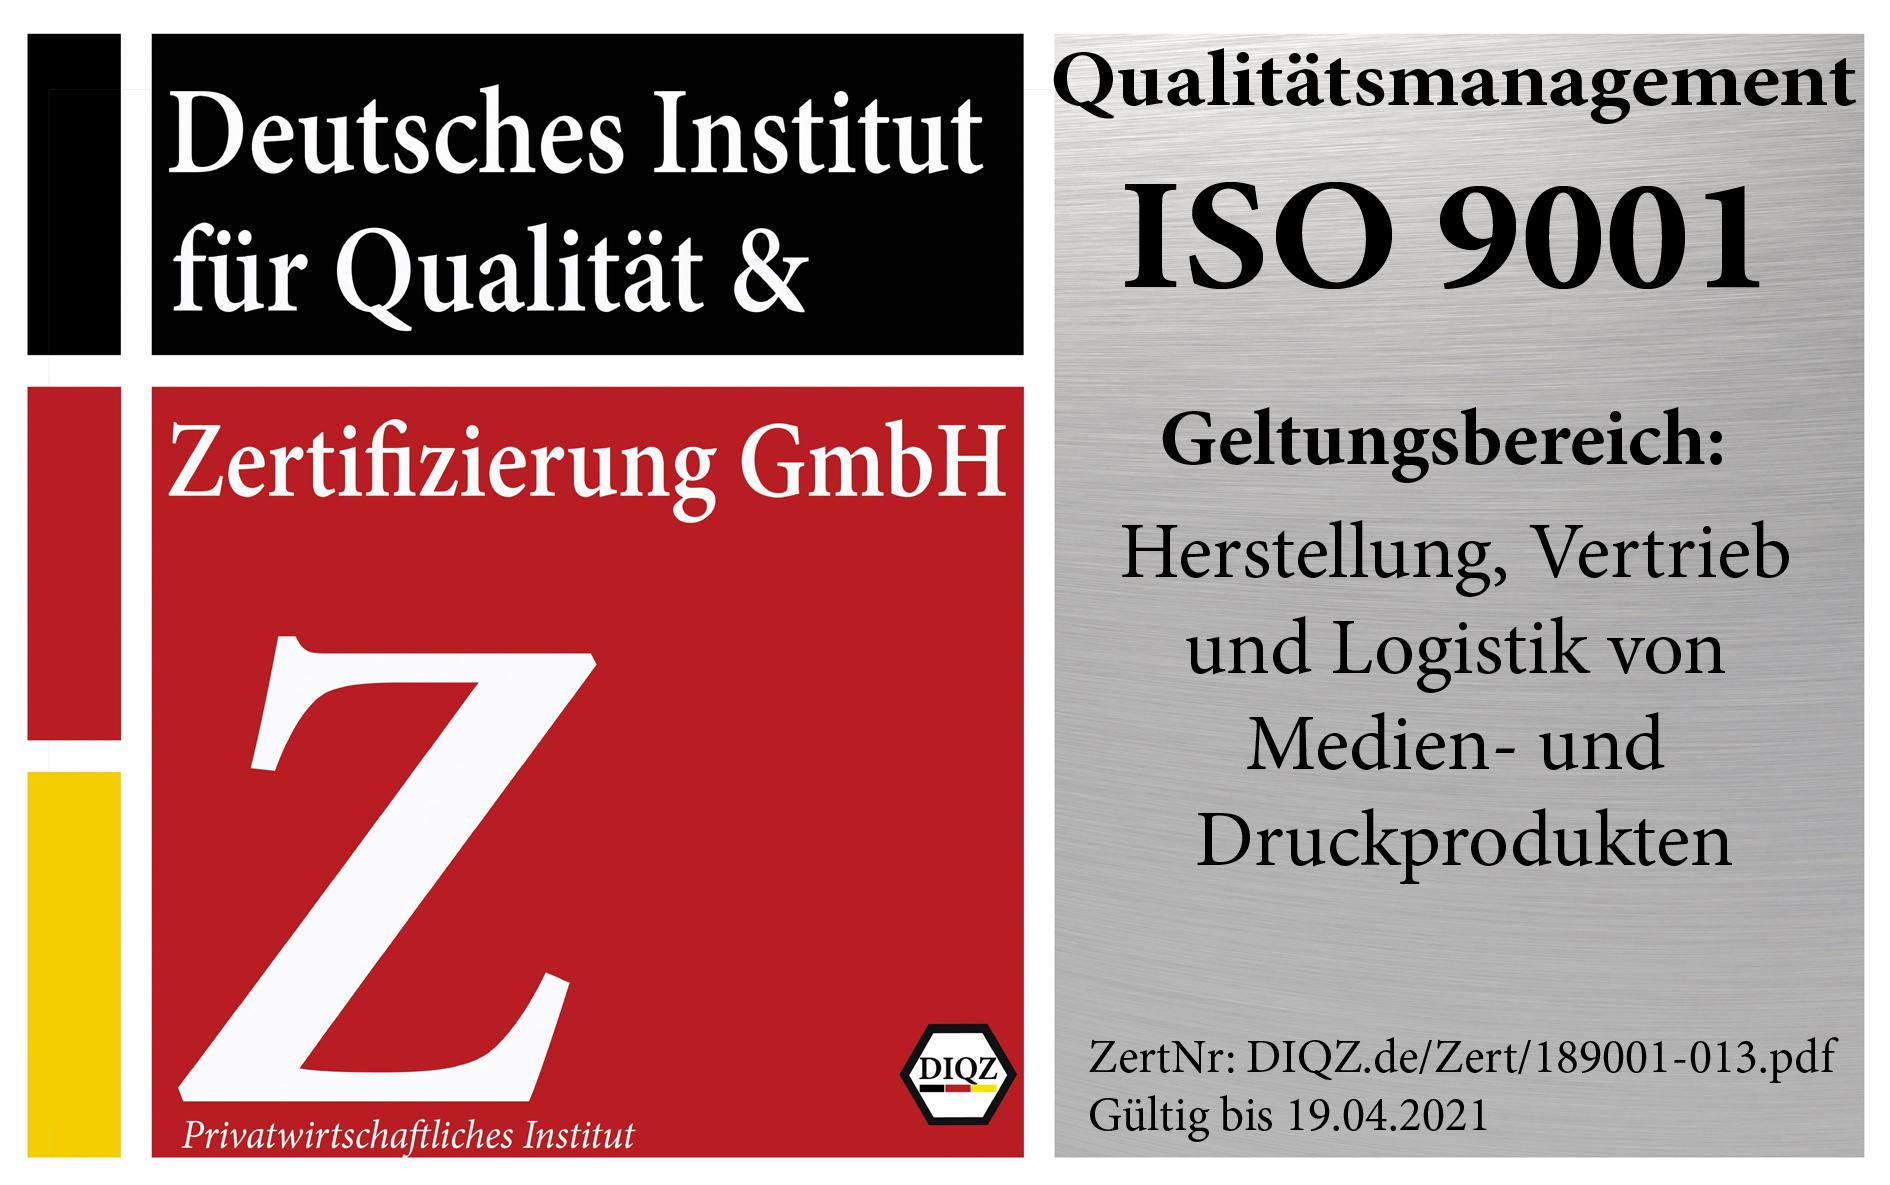 Erneute erfolgreiche Zertifizierung nach DIN EN ISO 9001